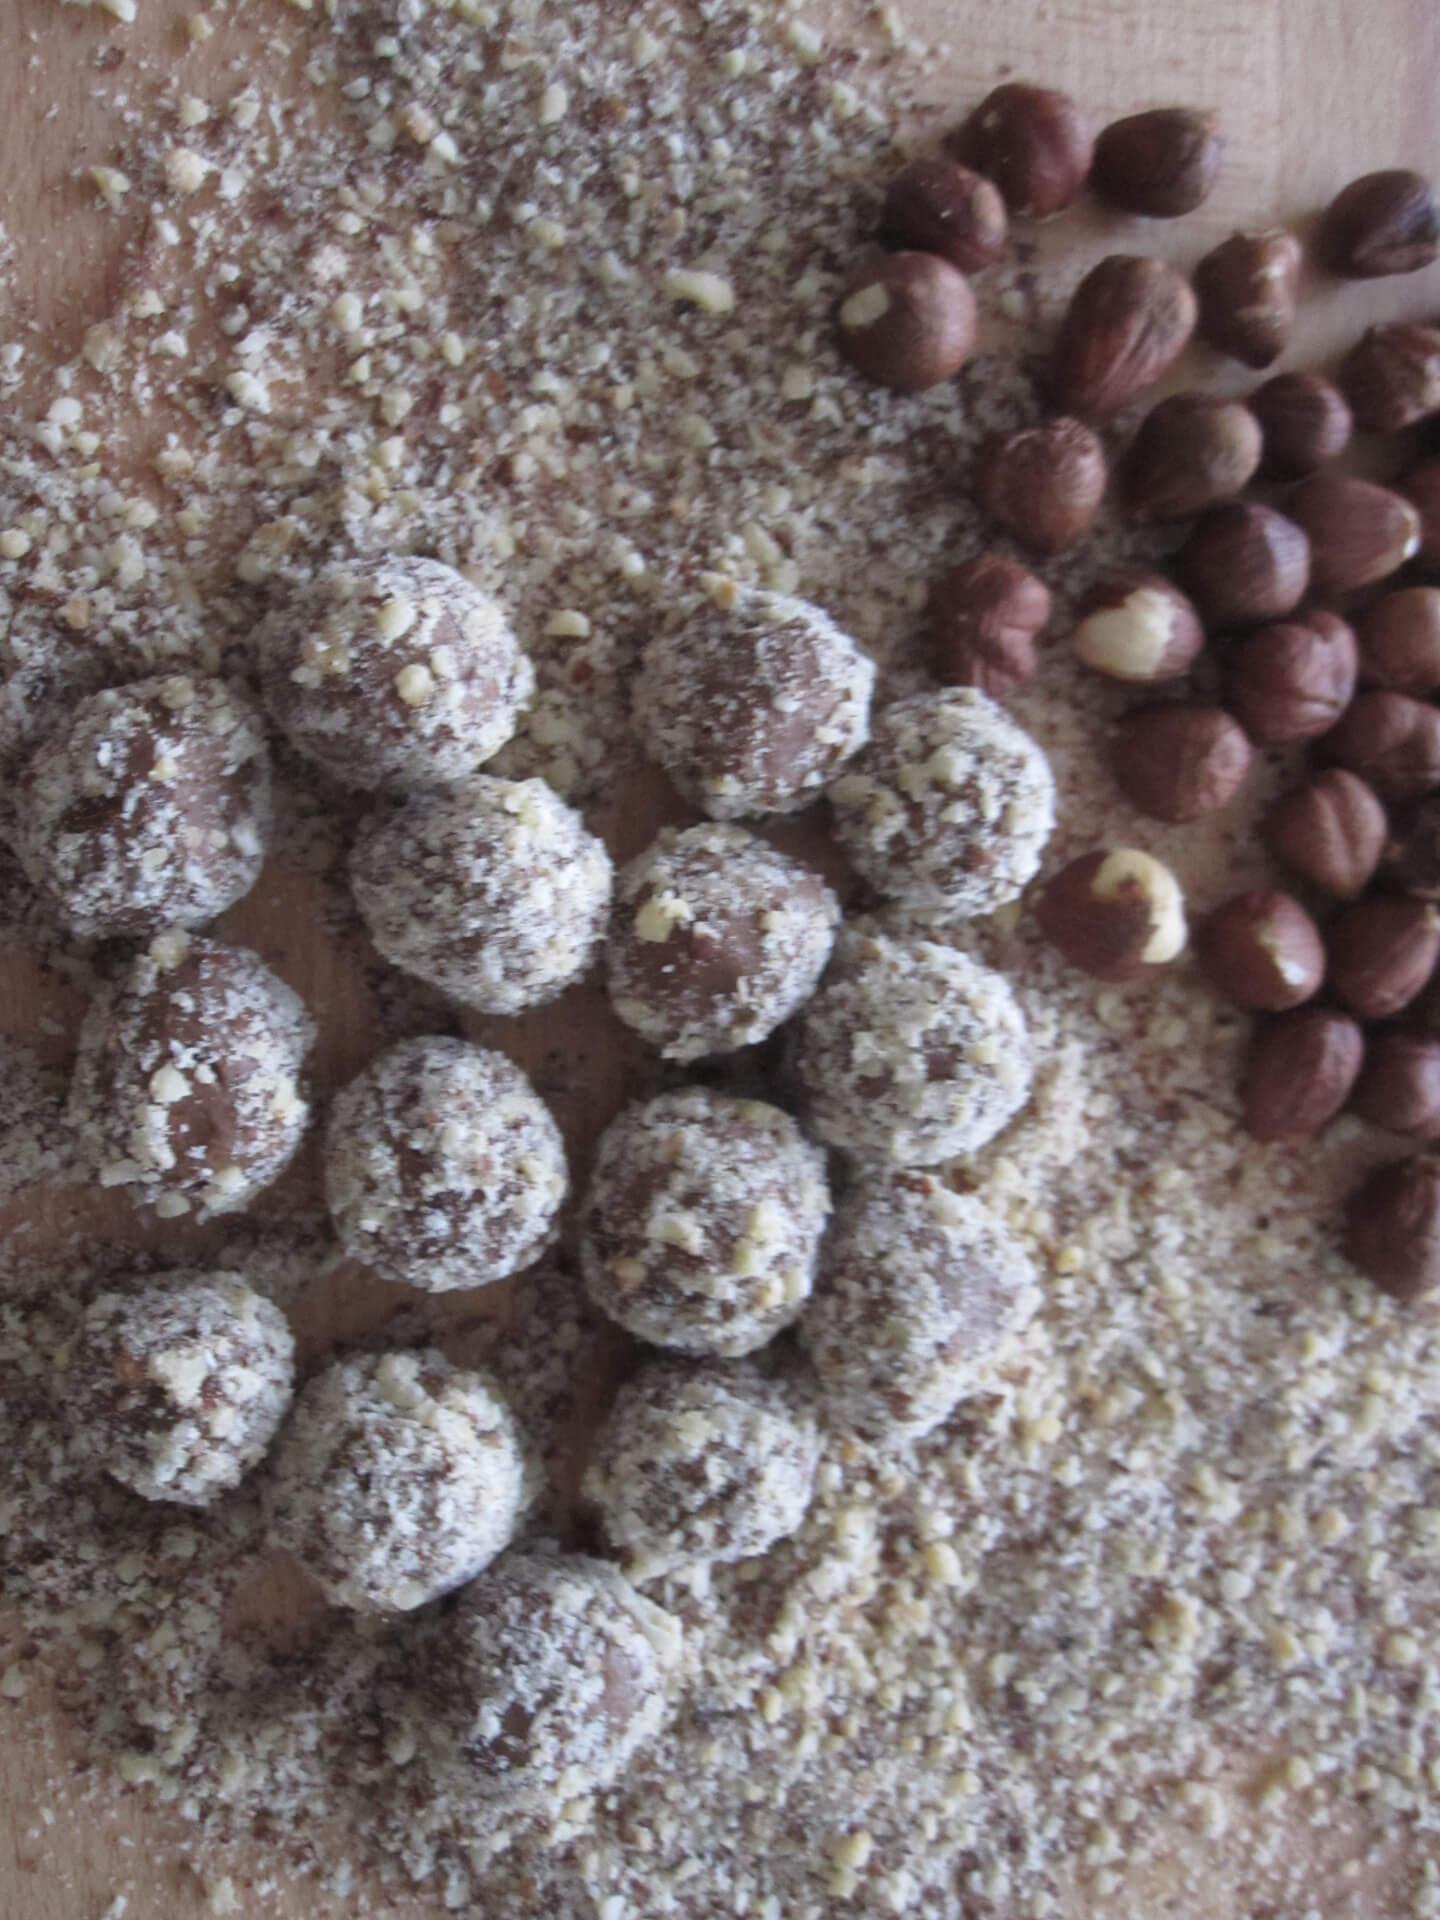 Nougatkugeln auf gemahlenen Haselnüssen und Haselnuss-Kerne